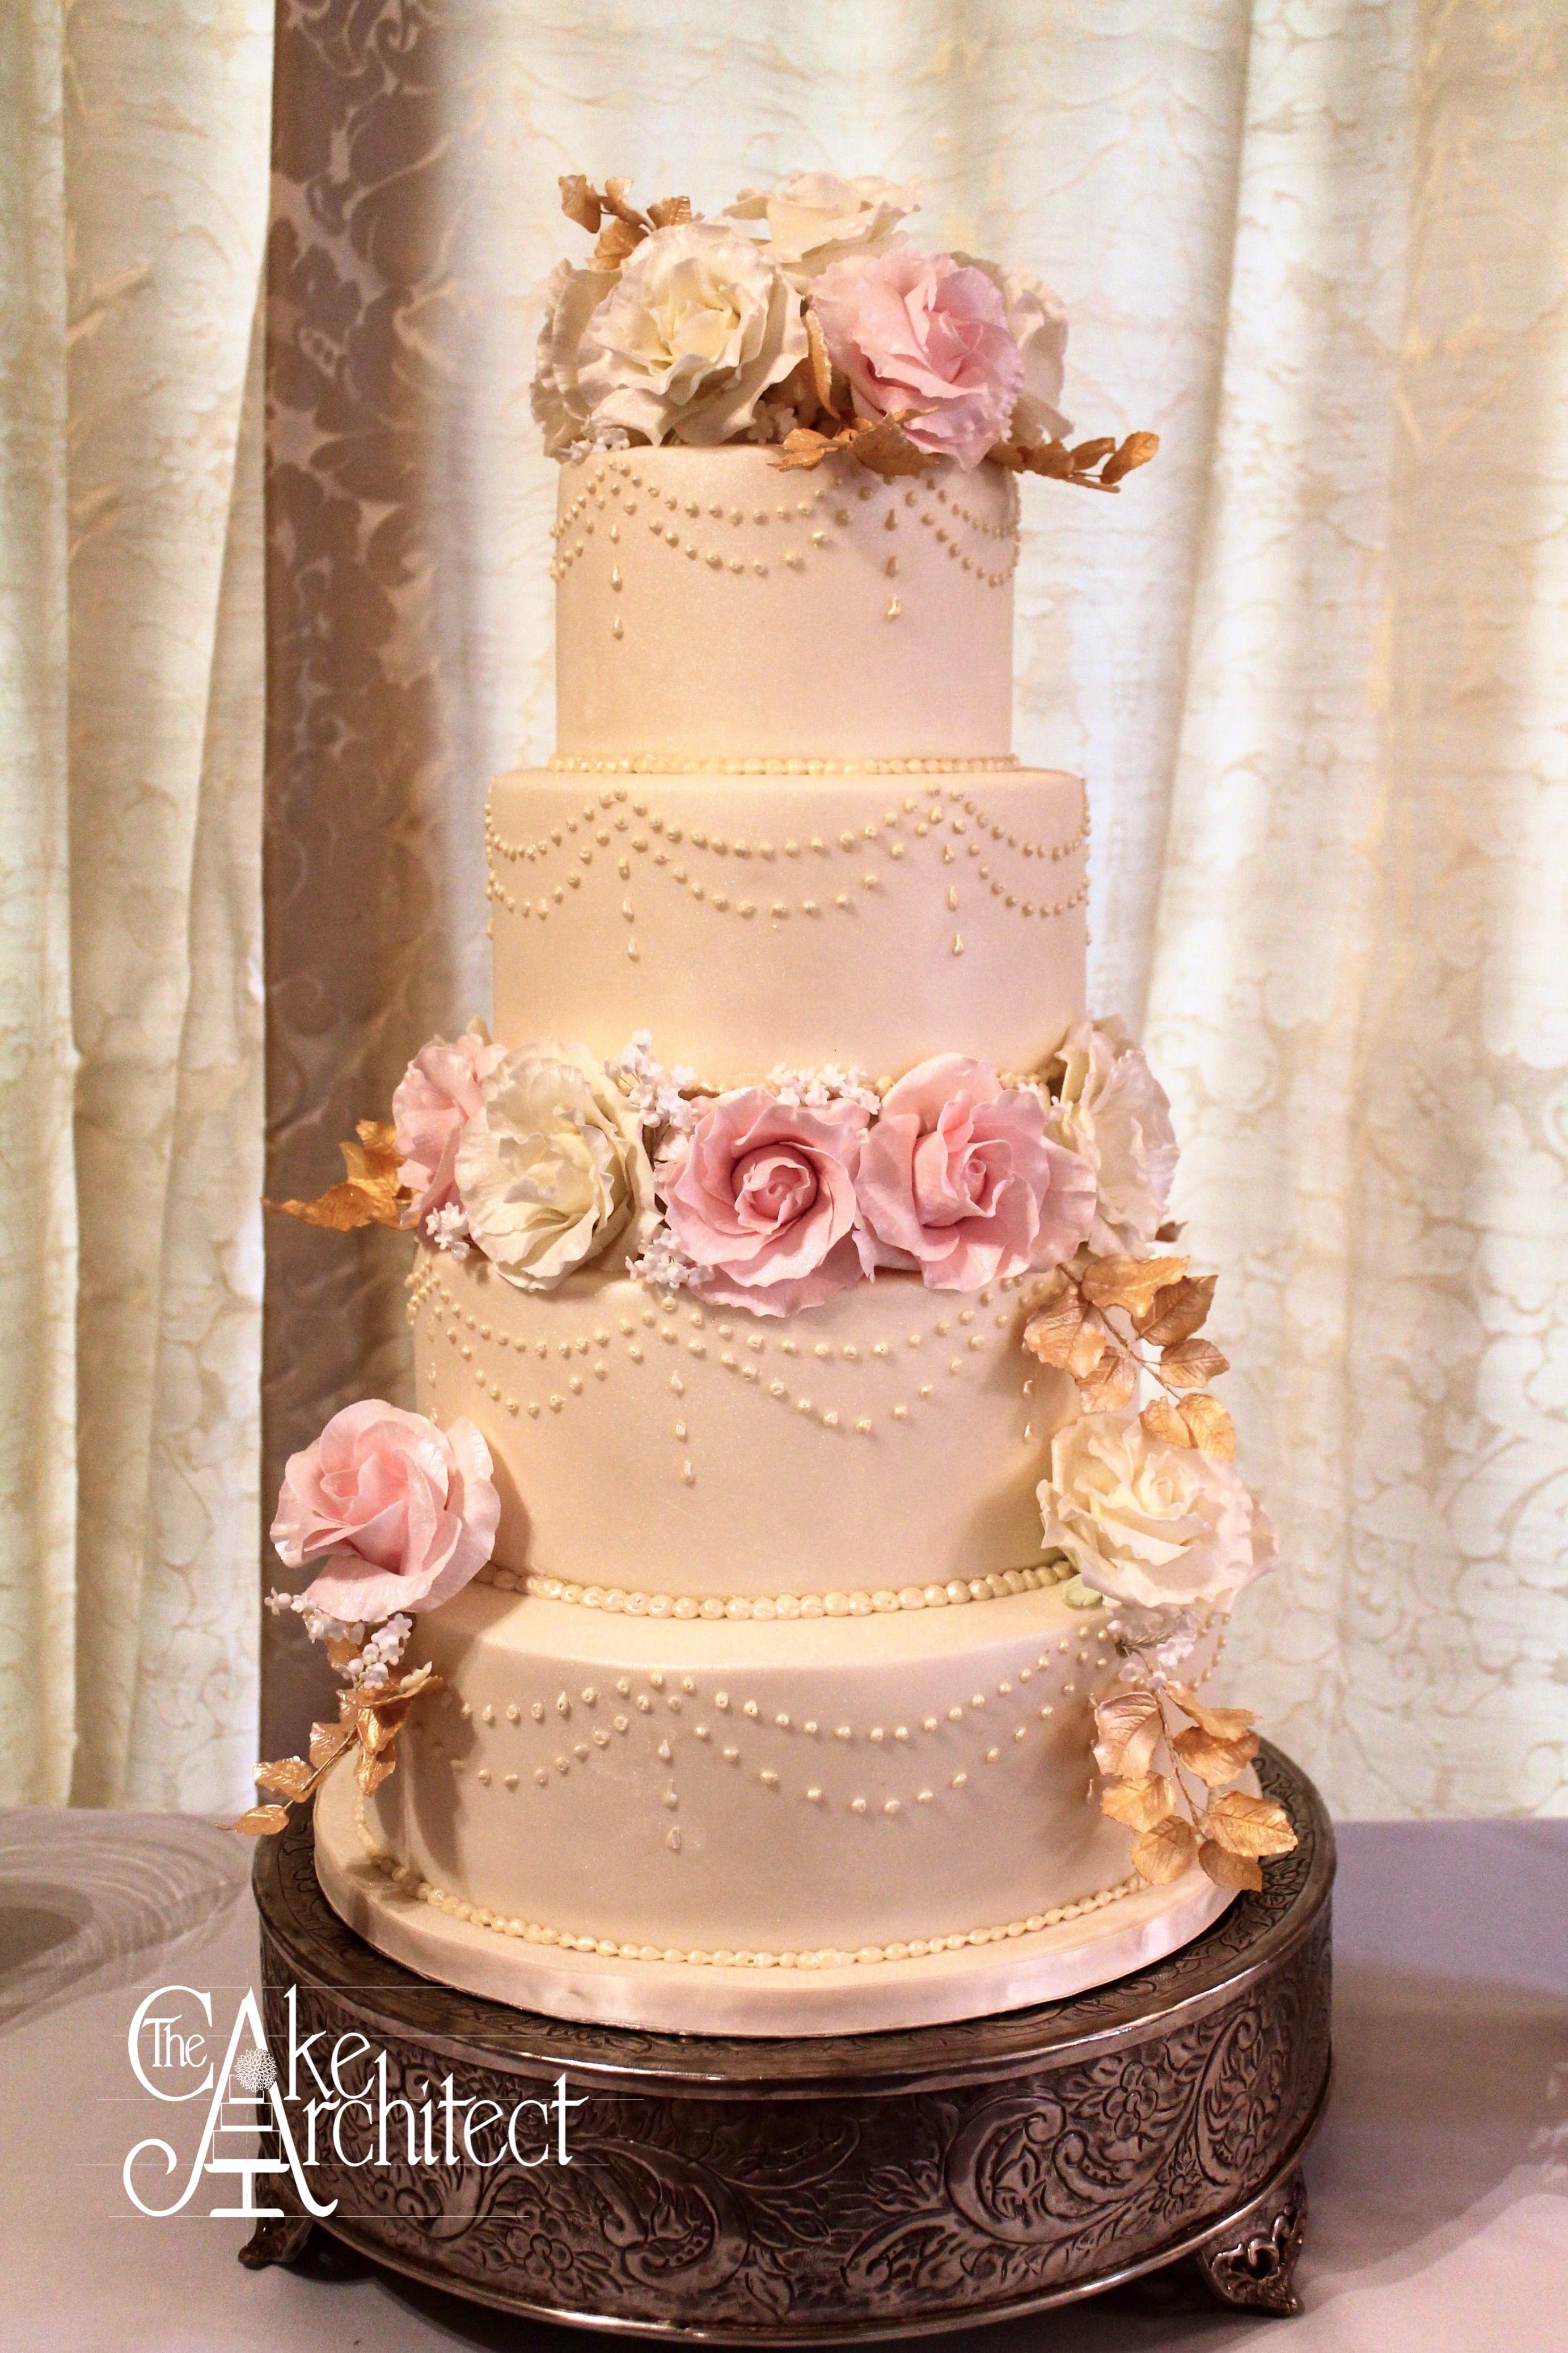 Wedding Cakes The Cake Architect